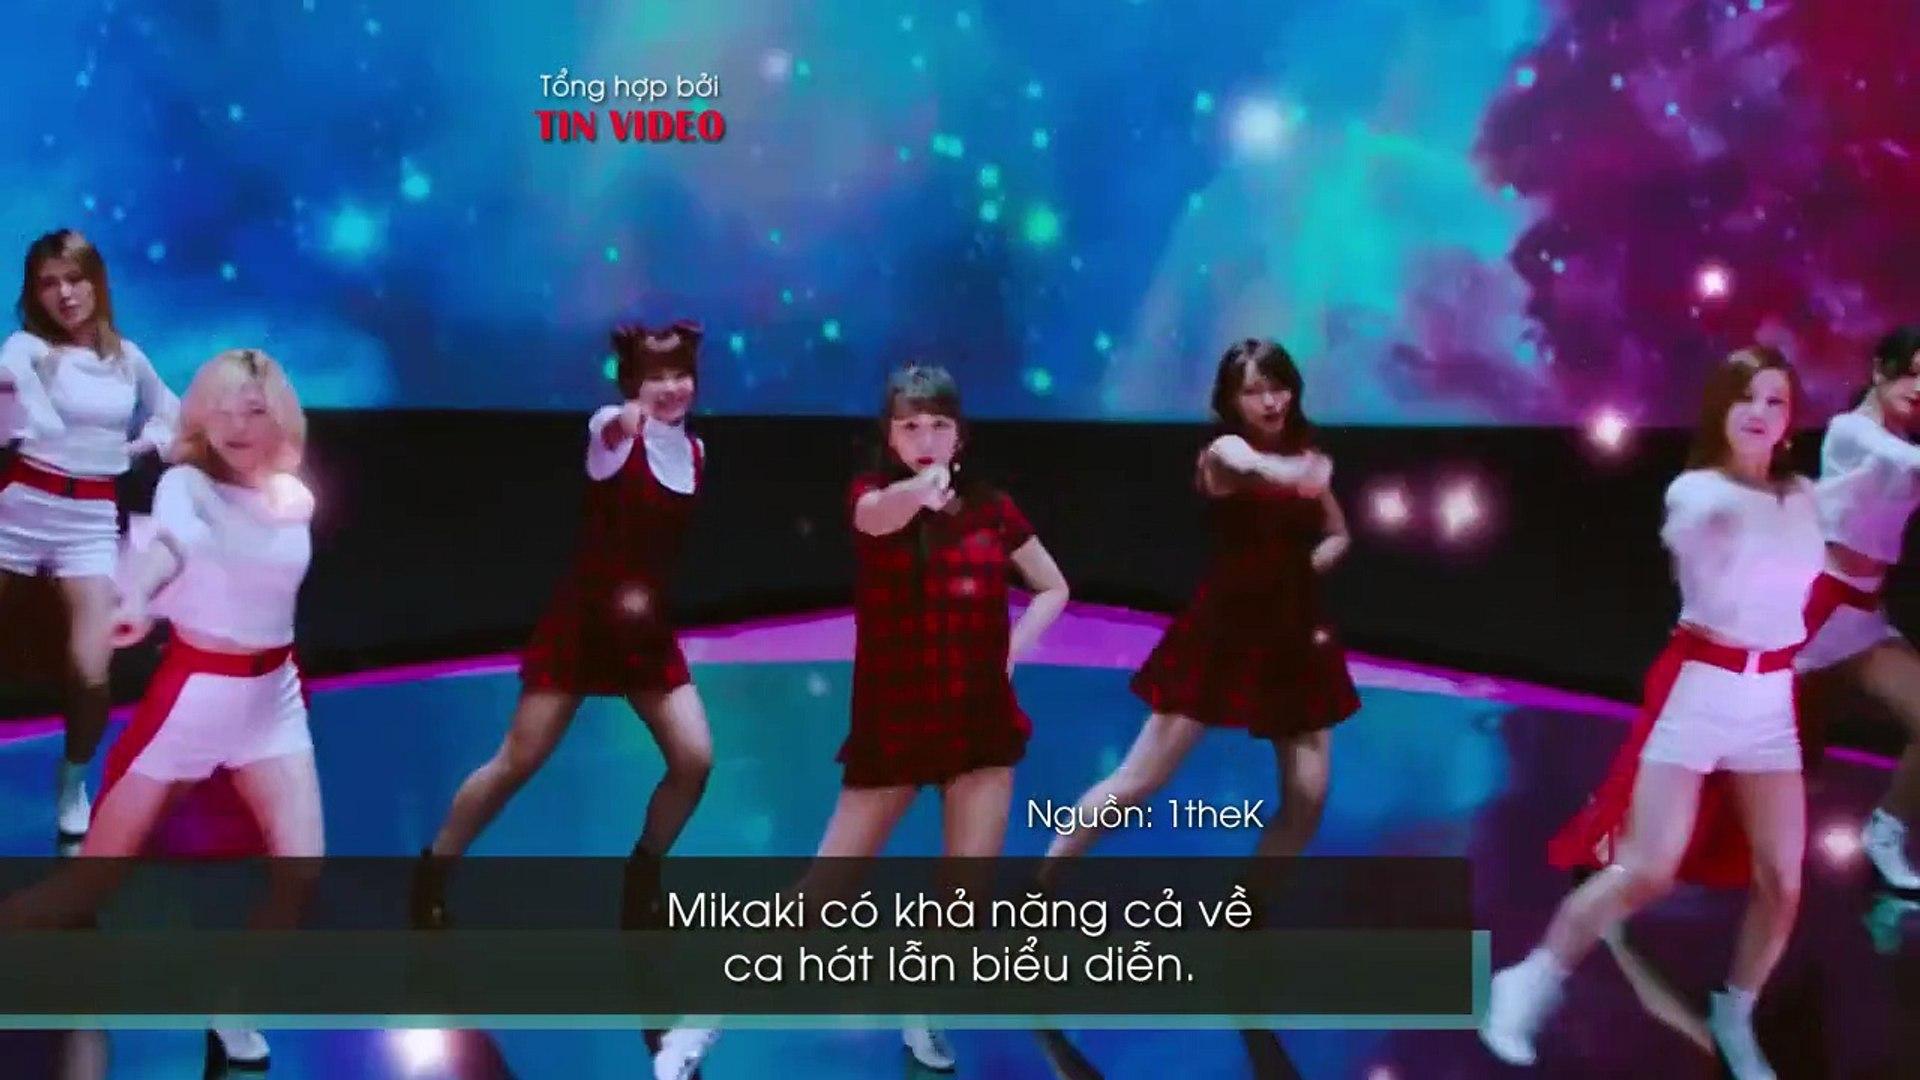 MS Những trường hợp ra mắt làm idol kỳ lạ nhất Kpop: Từ anh chàng gay đến nữ diễn viên phim nóng